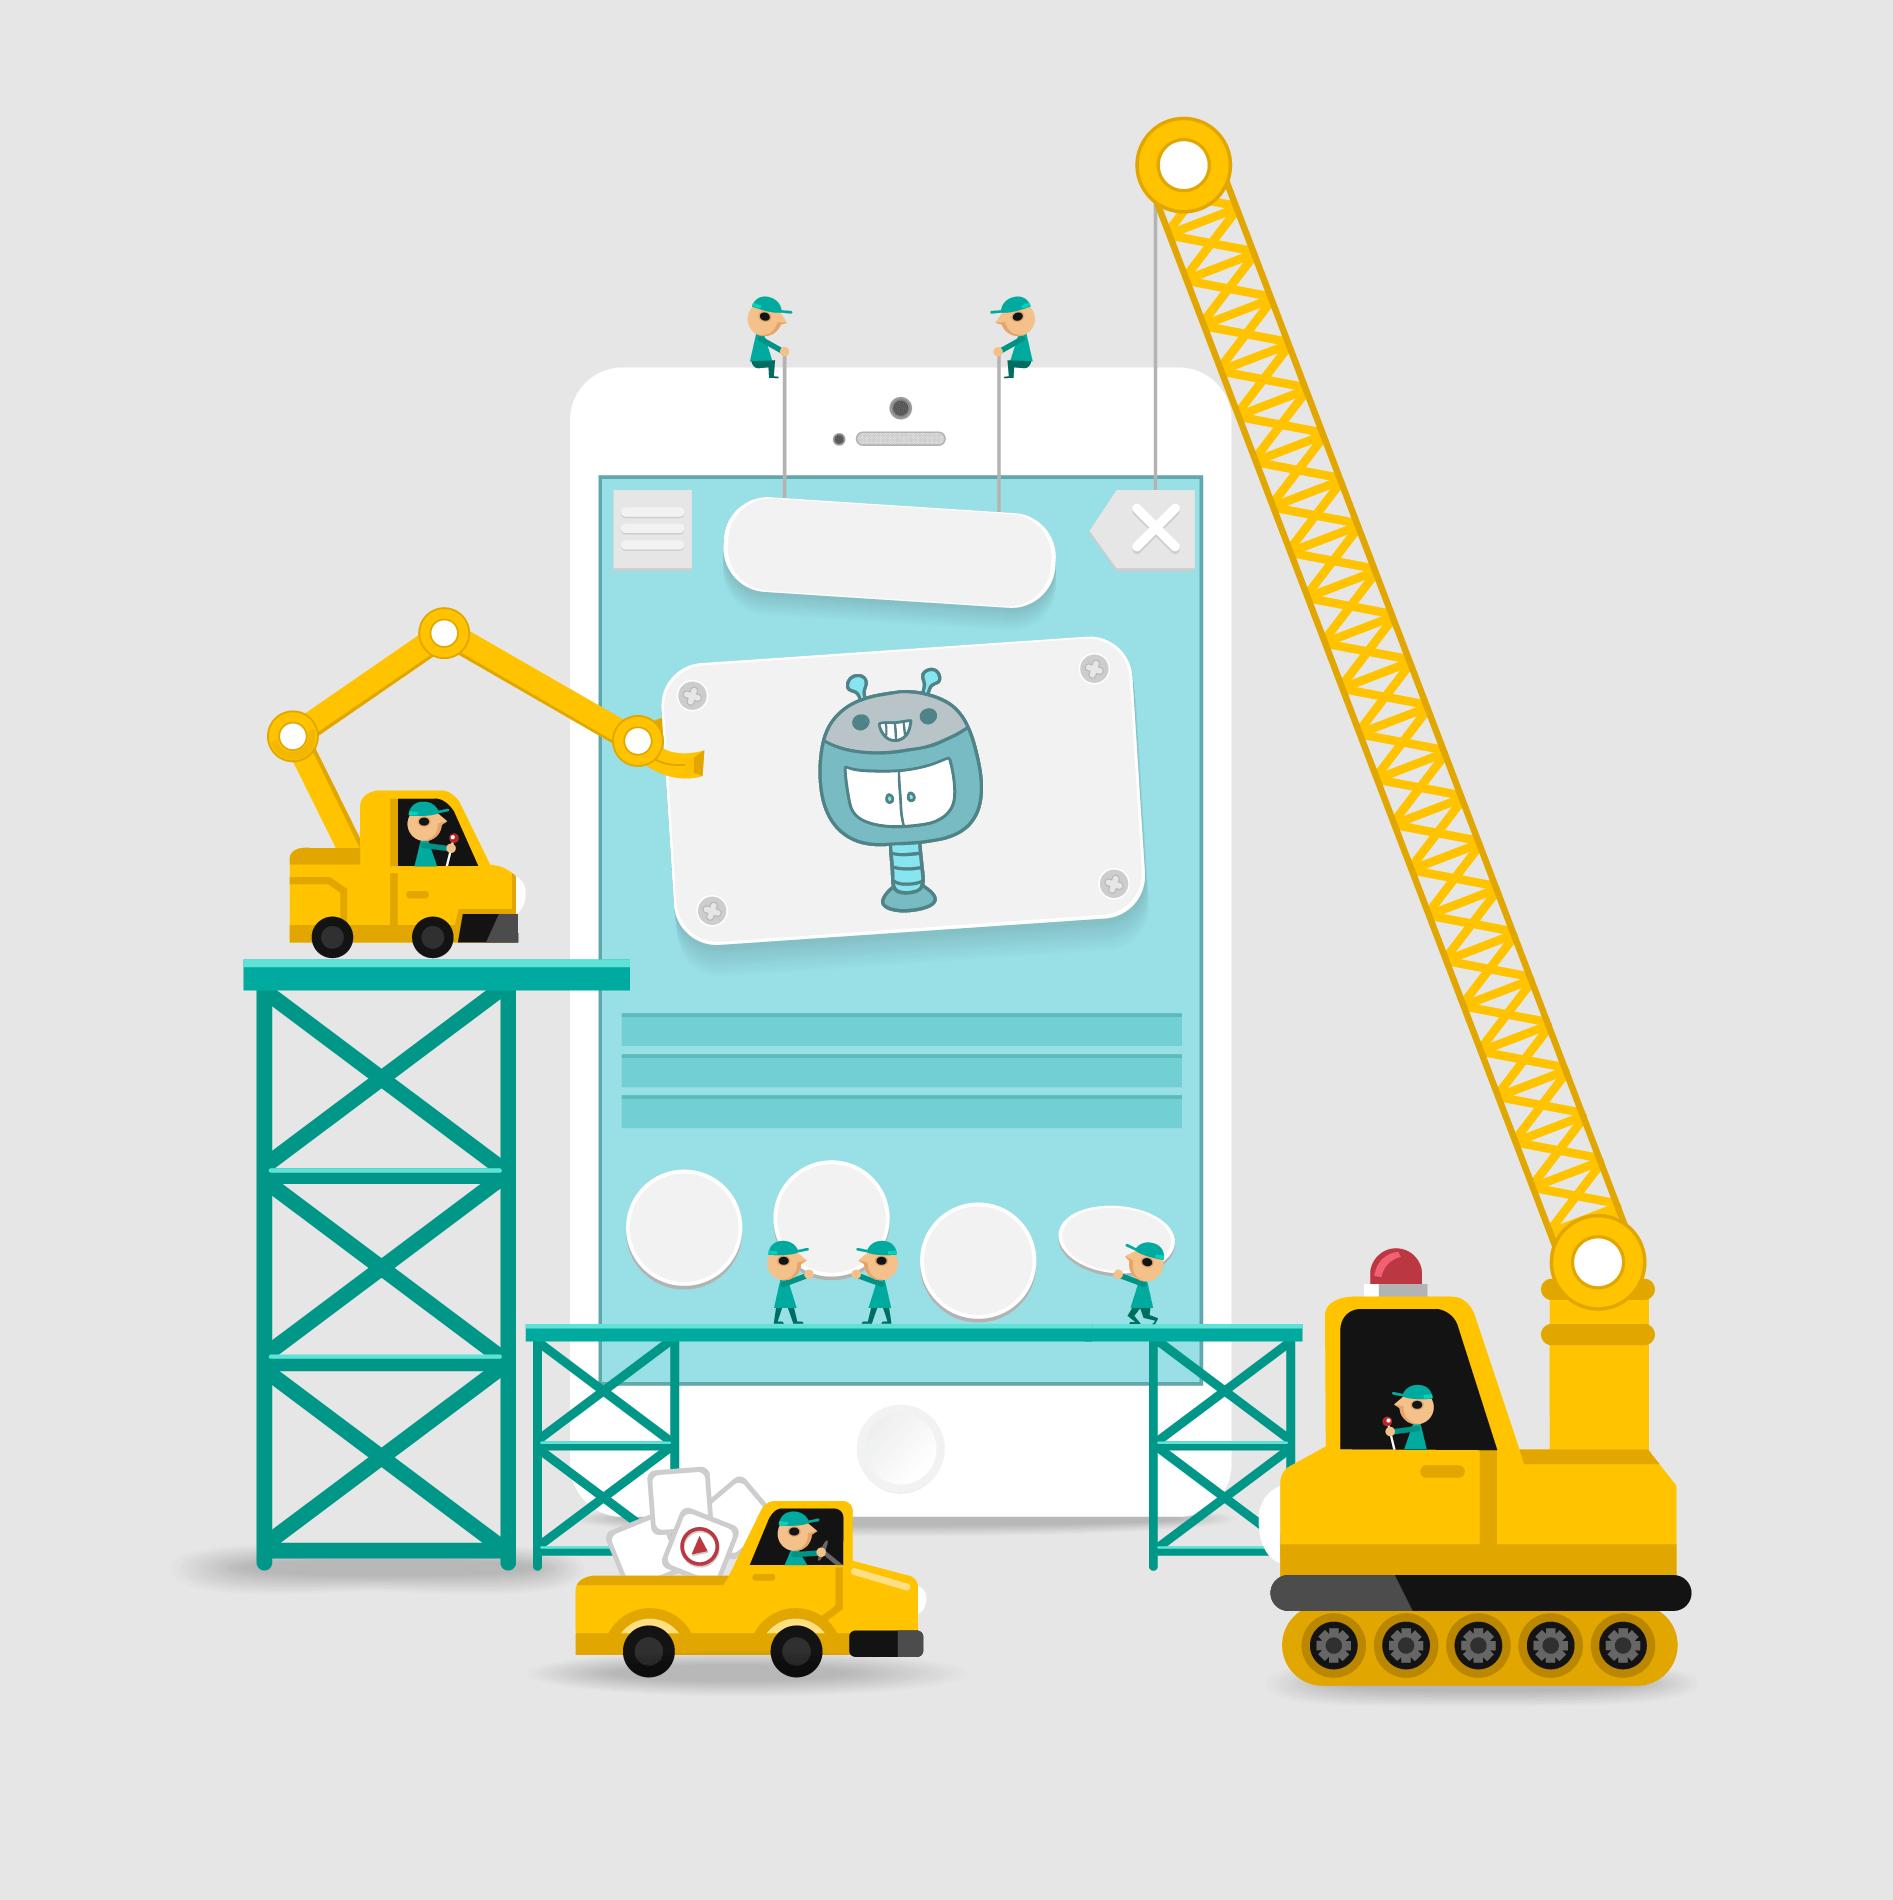 Enterprise chatbots - Essential considerations - Part 2